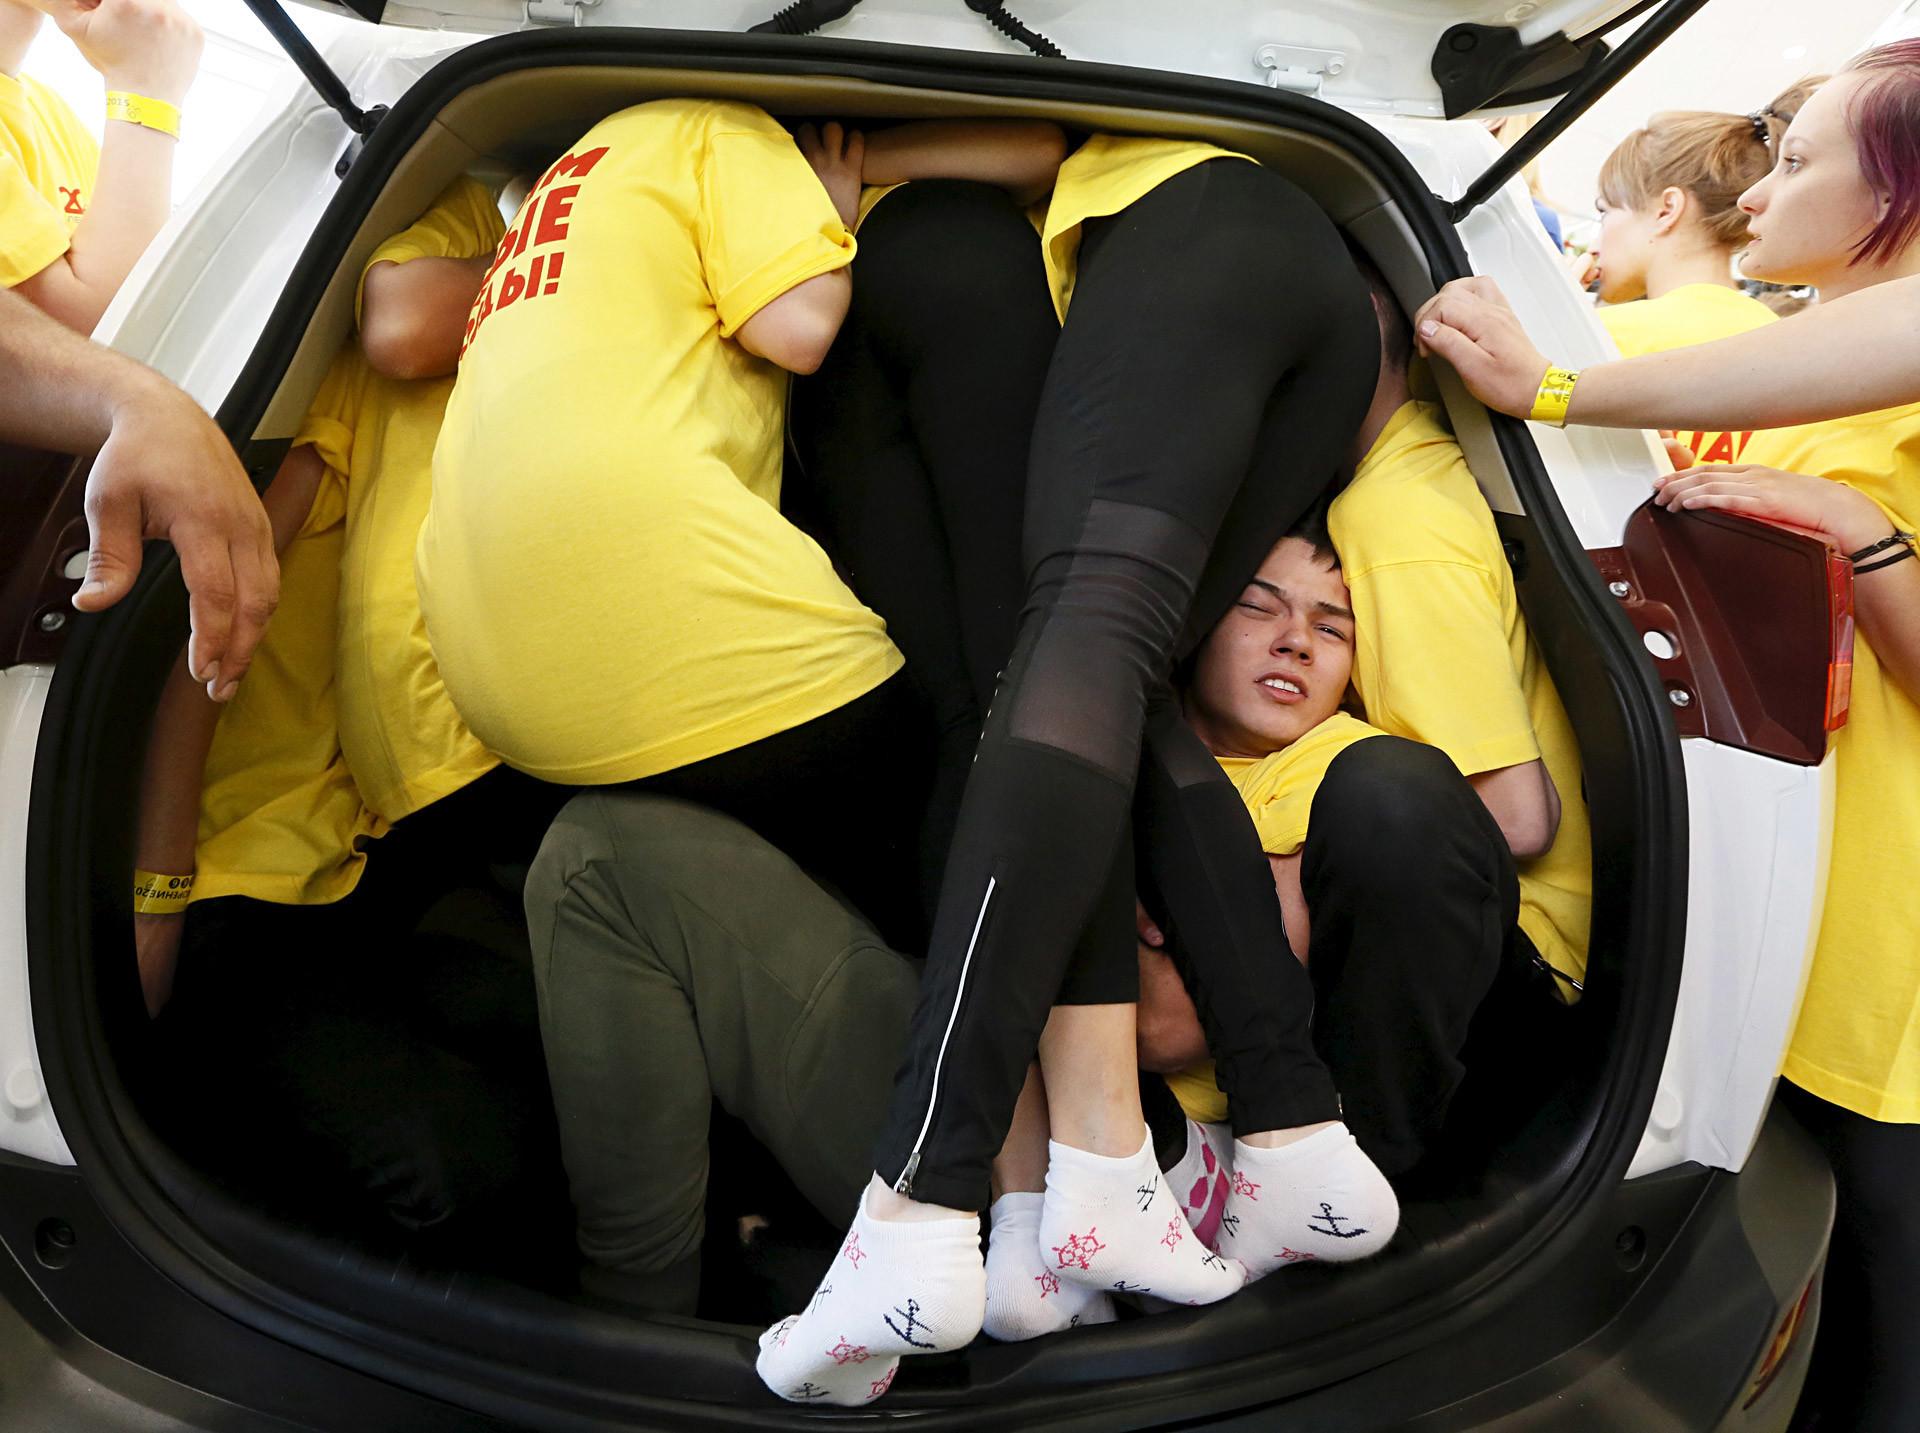 Estudantes da equipe da Universidade Federal Siberiana se espremem dentro de carro durante uma tentativa para o Livro Guinness dos Recordes. A julgar por seus rostos, eles estão transbordando de felicidade!